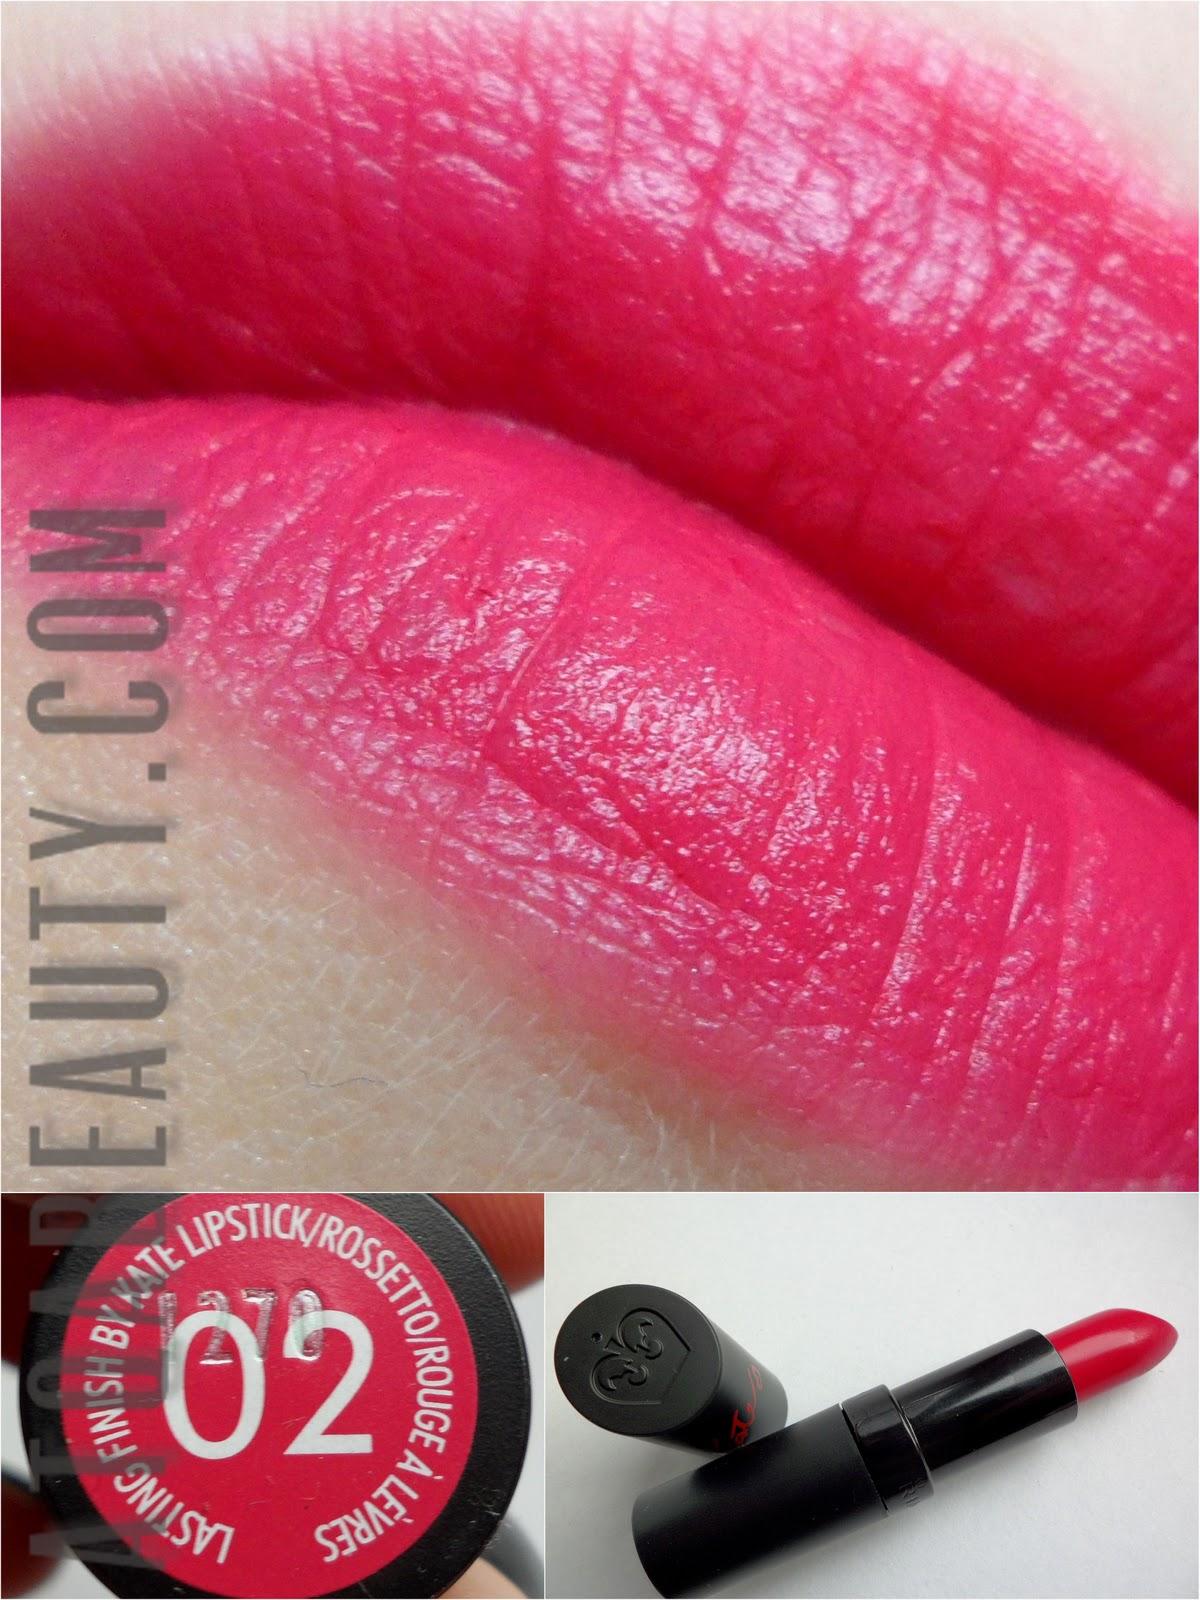 http://3.bp.blogspot.com/-bWybwnu678I/TxWDdRPwvPI/AAAAAAAAK8c/fFMaI7zPbNk/s1600/atqabeauty.com+rimmel+kate+moss+lipstick+02-02.jpg